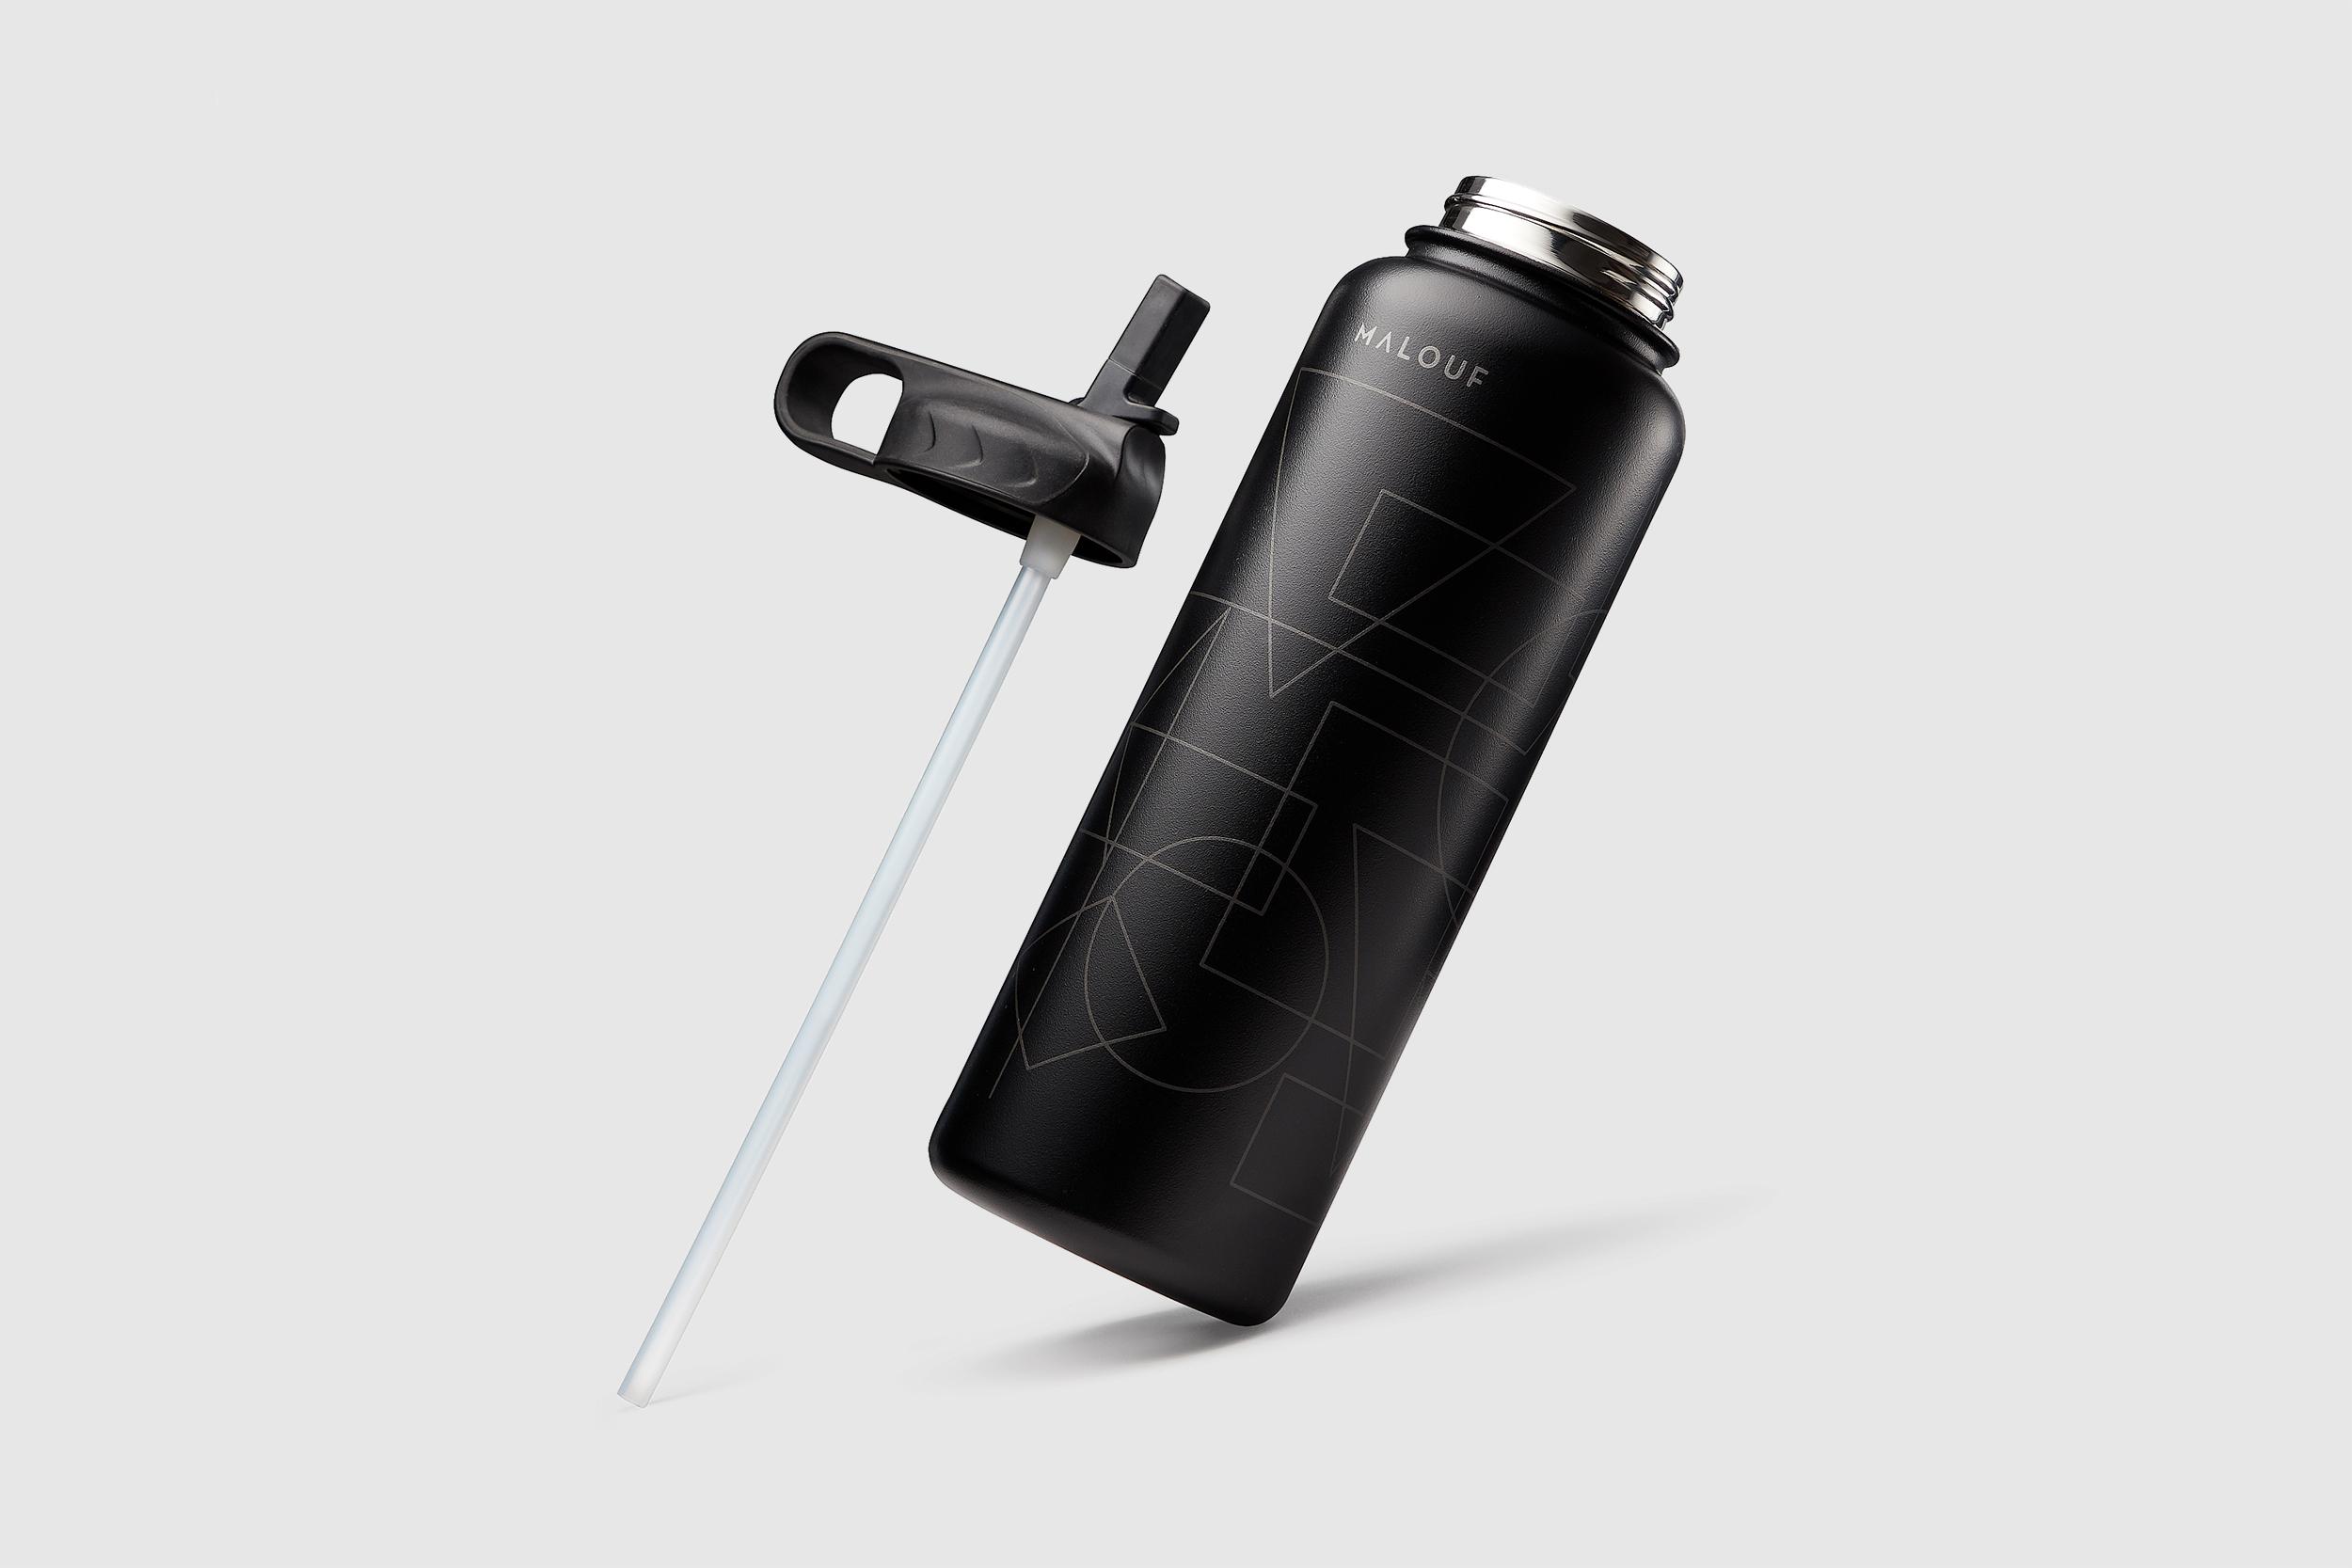 Malouf_32_Oz_Water_Bottle2.jpg